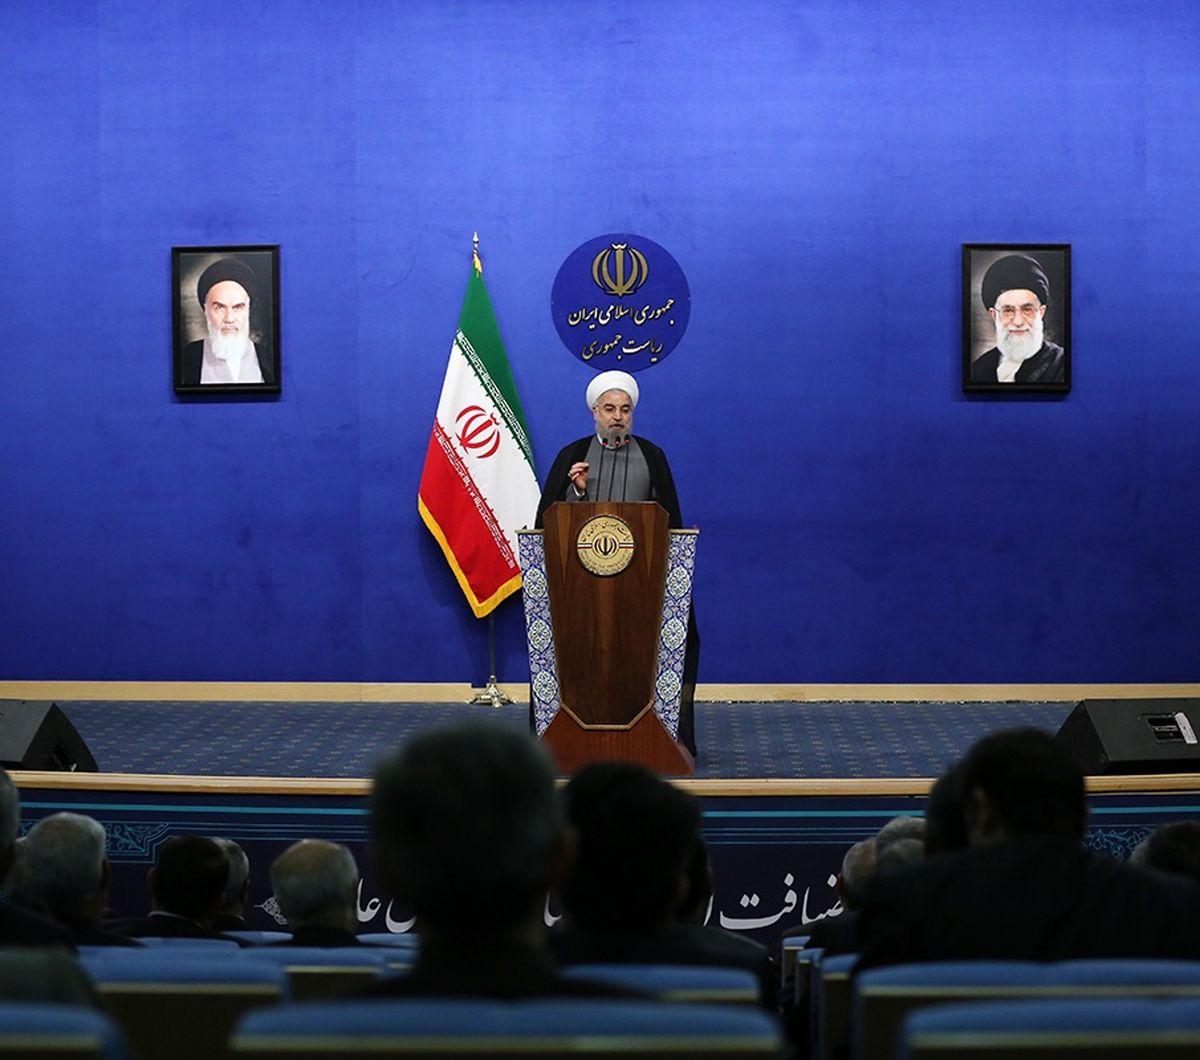 روحانی:گشایشها جای شکرگزاری دارد